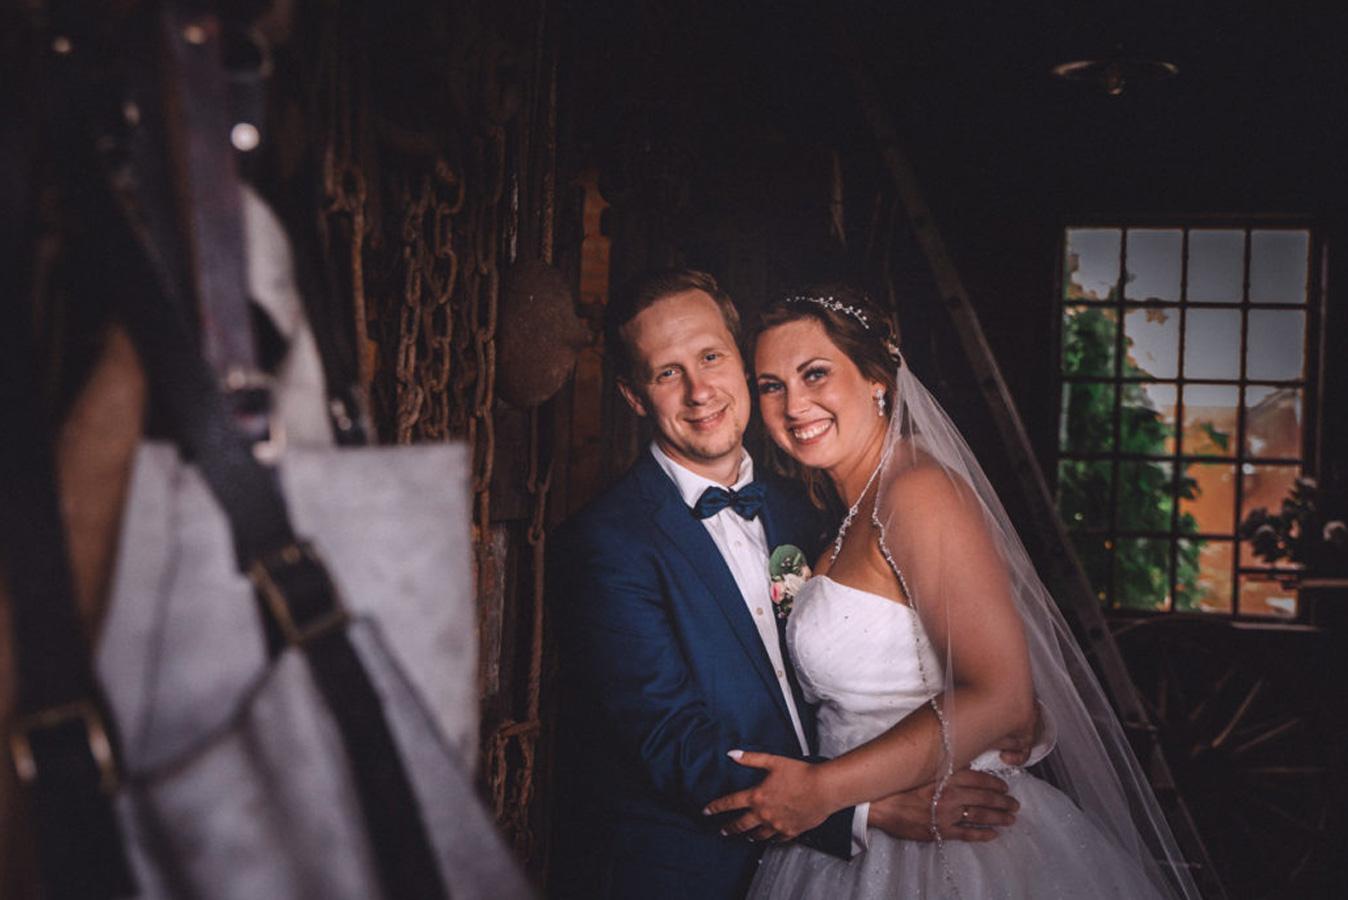 Ihre Hochzeitsfeier auf Hof Viehbrook – Hochzeitsfotografie auf dem Hof Viehbrook